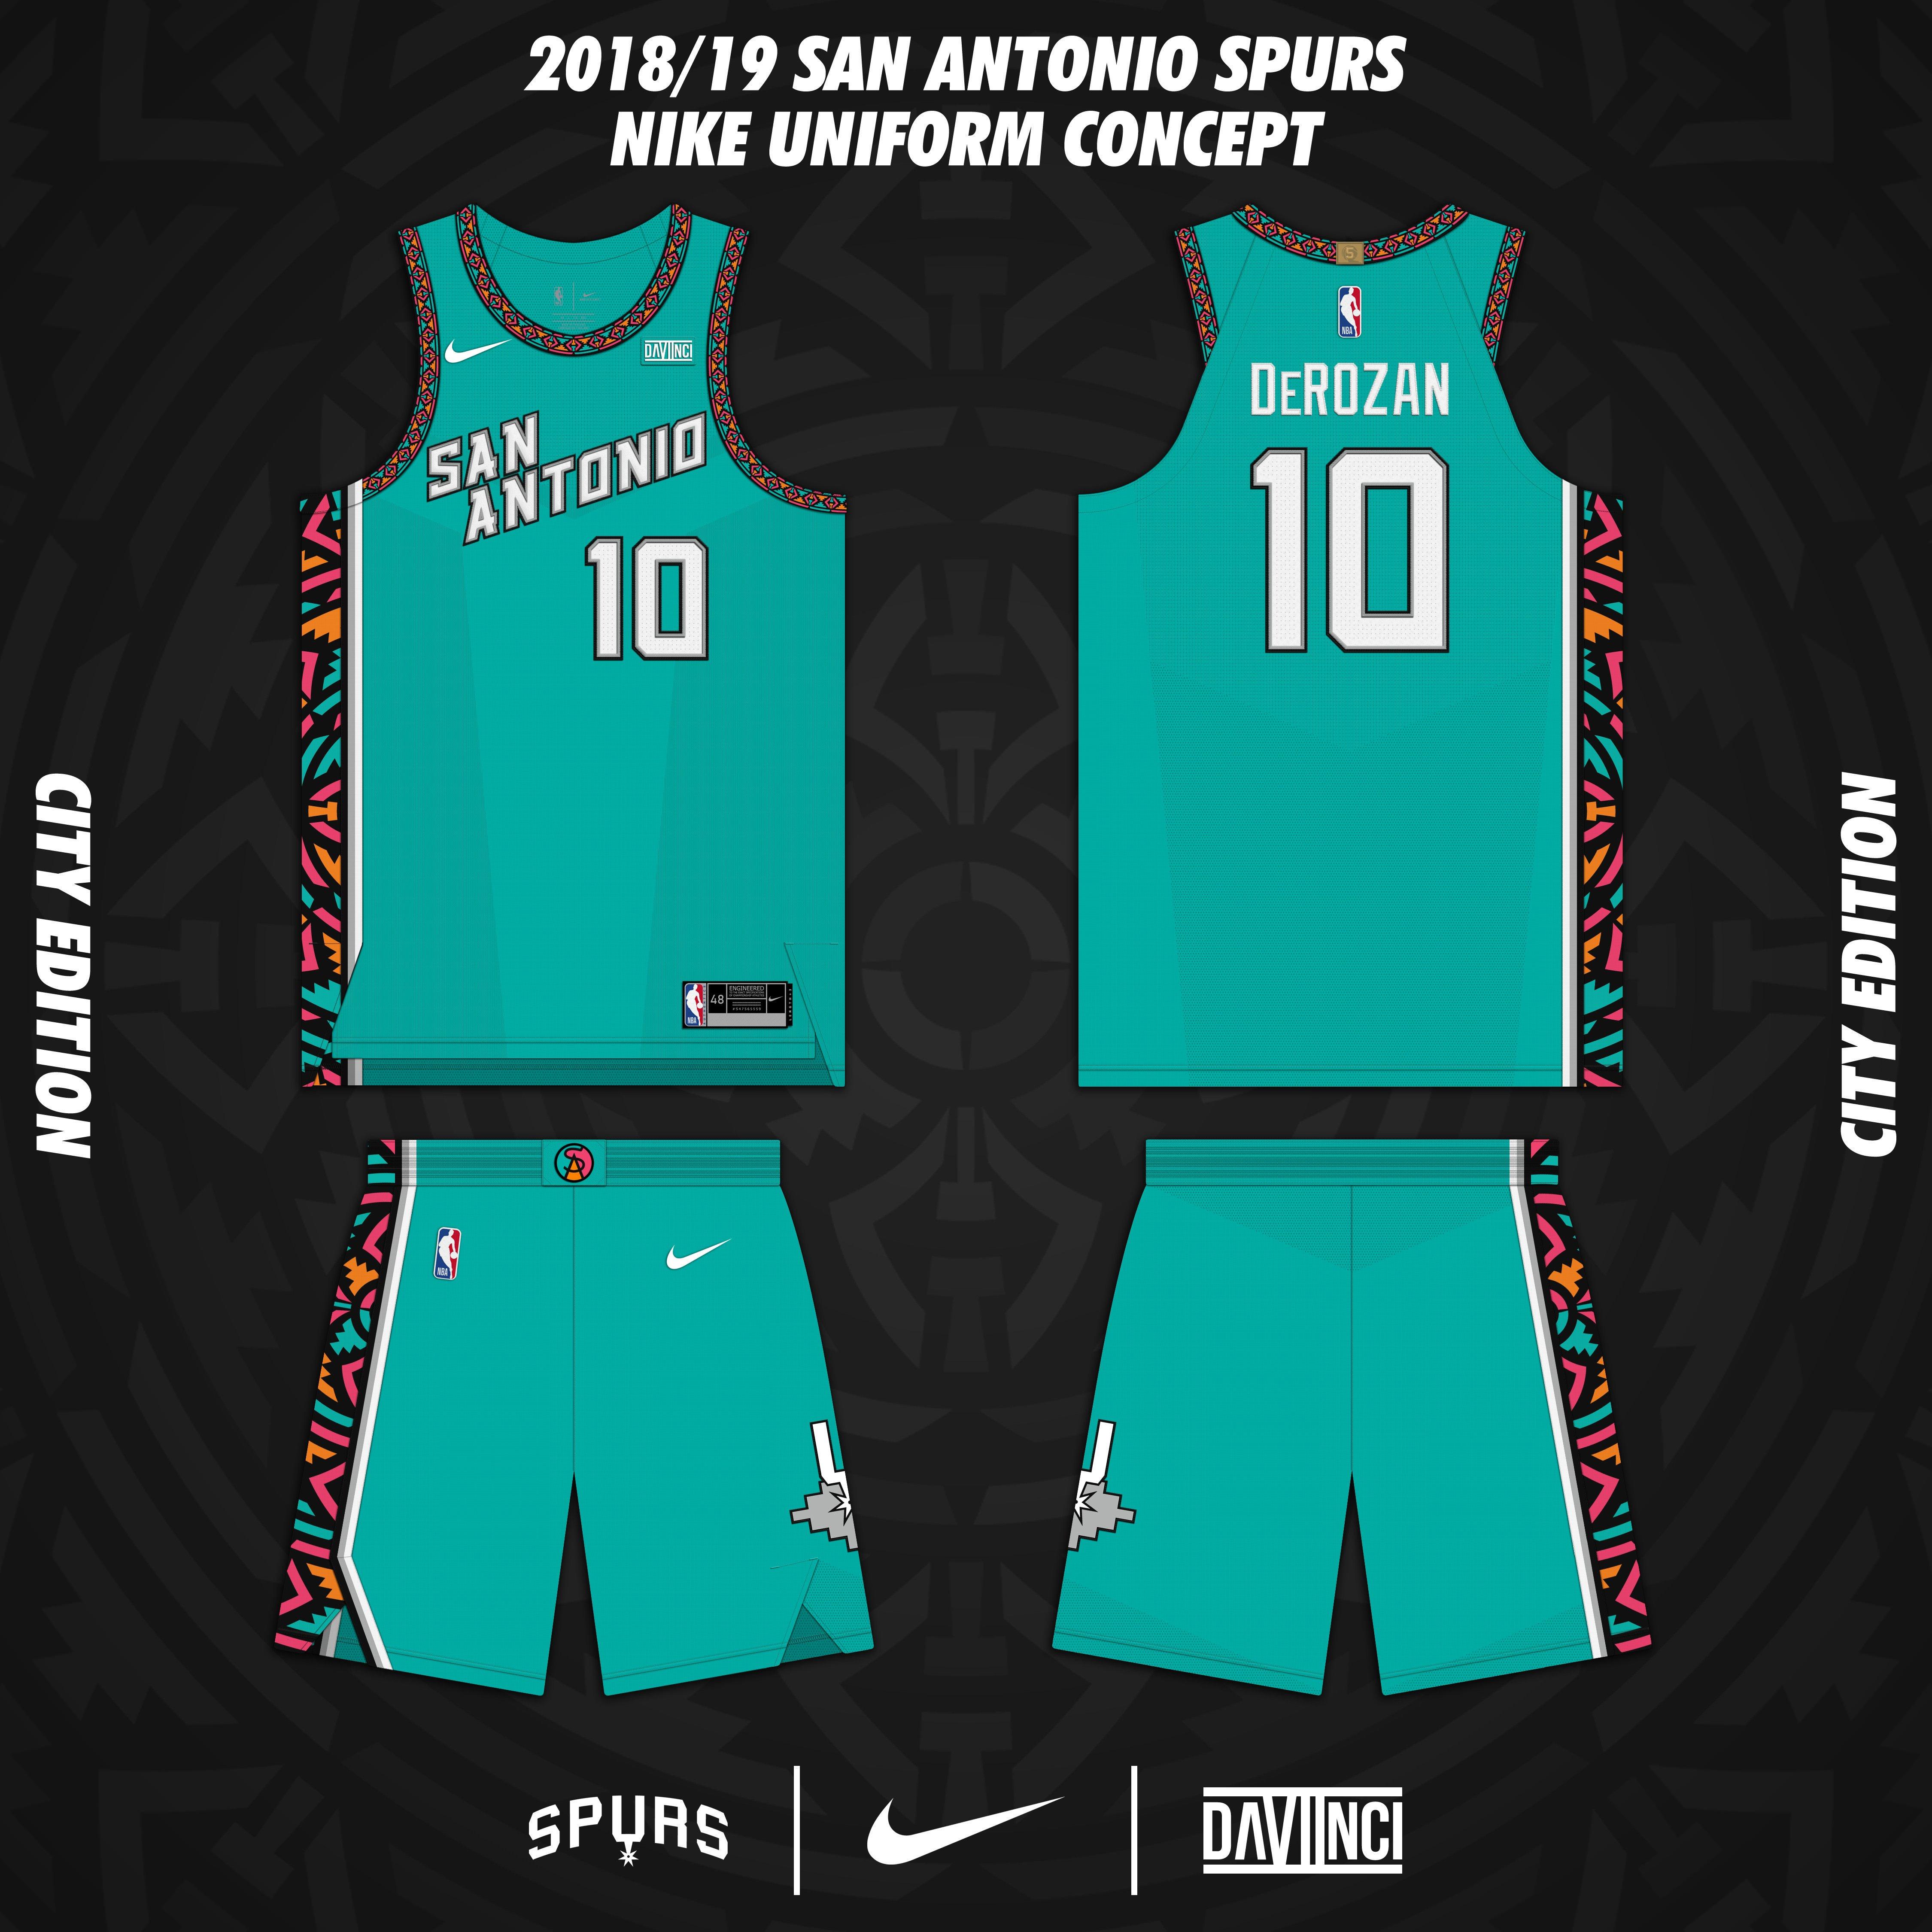 12d8cec2b https   www.reddit.com r NBASpurs comments 9fysn4 san antonio spurs fiesta concept jersey  depth 1